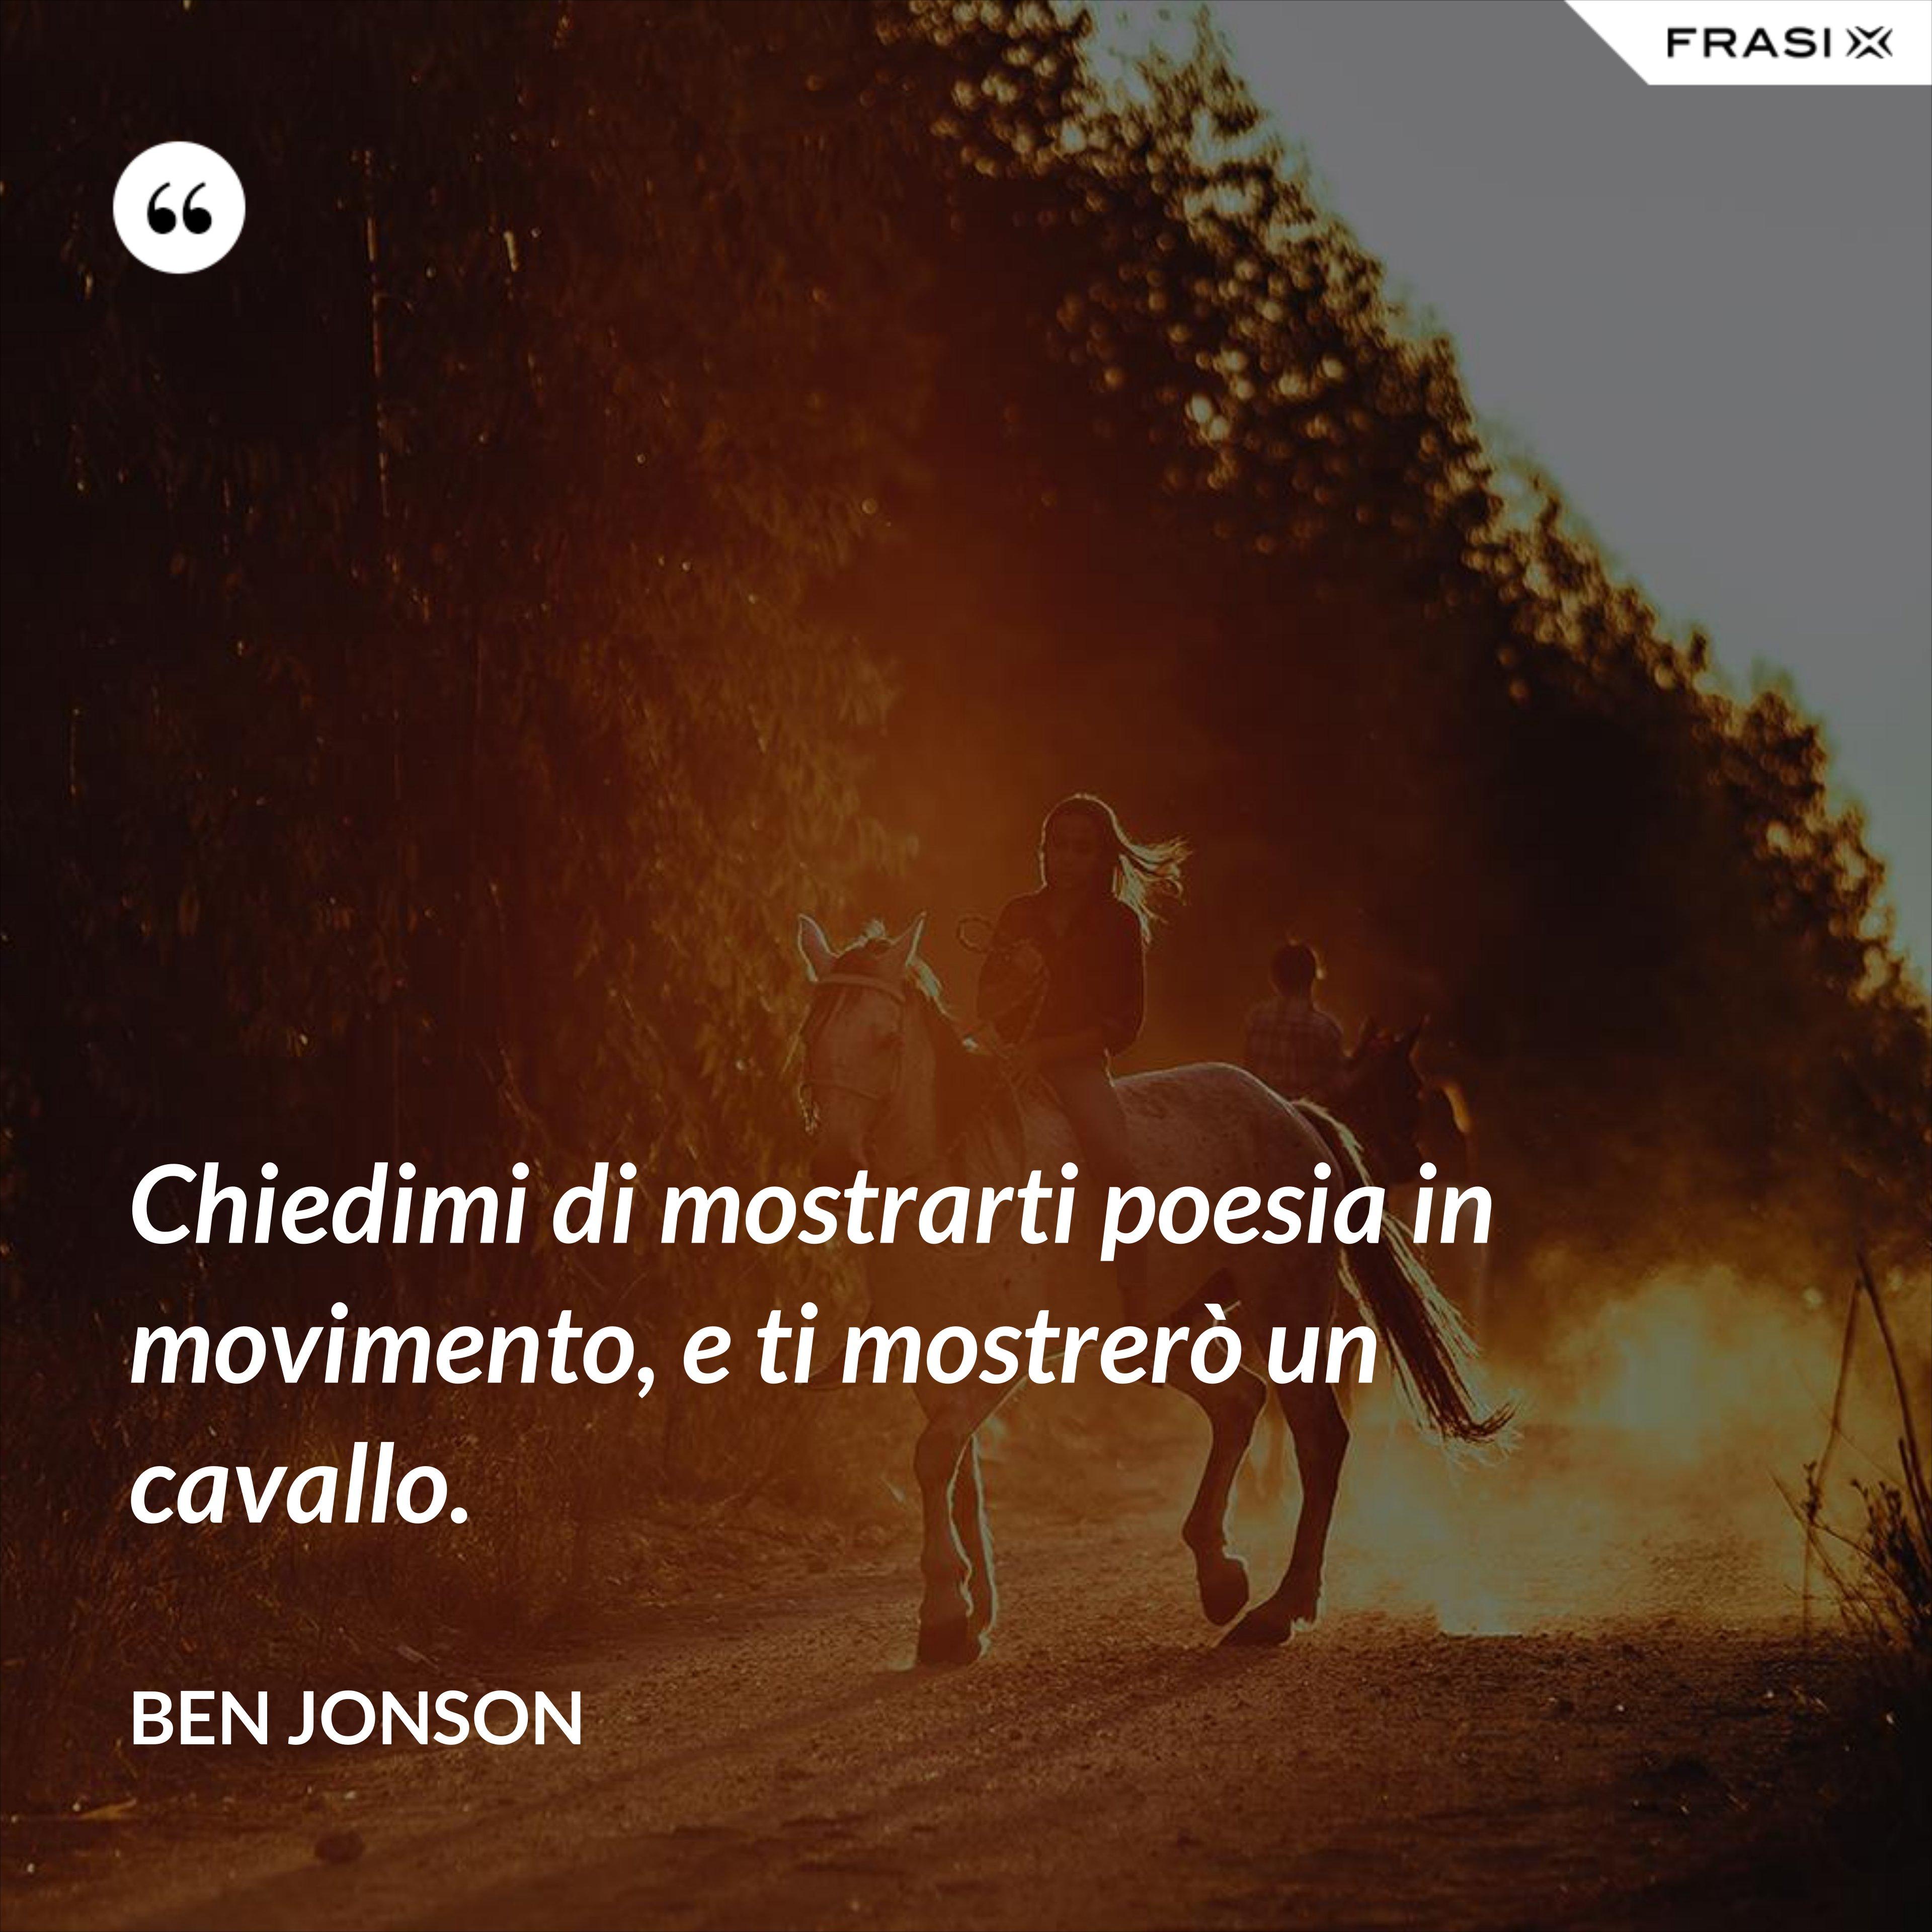 Chiedimi di mostrarti poesia in movimento, e ti mostrerò un cavallo. - Ben Jonson